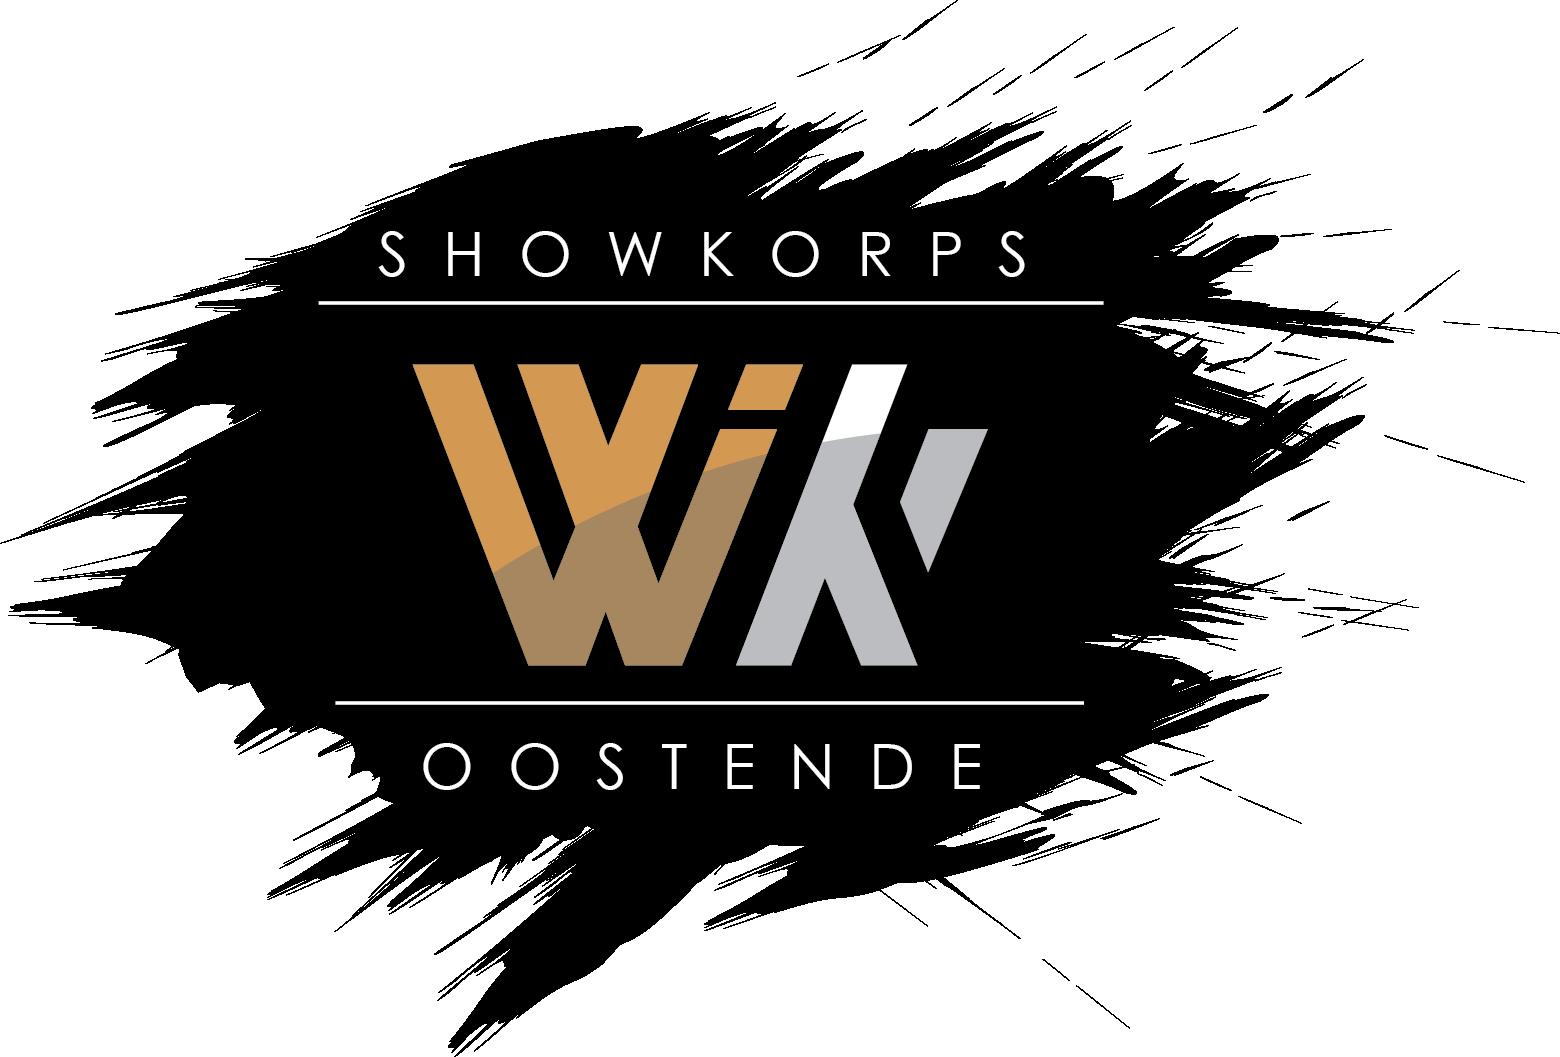 Showkorps WIK